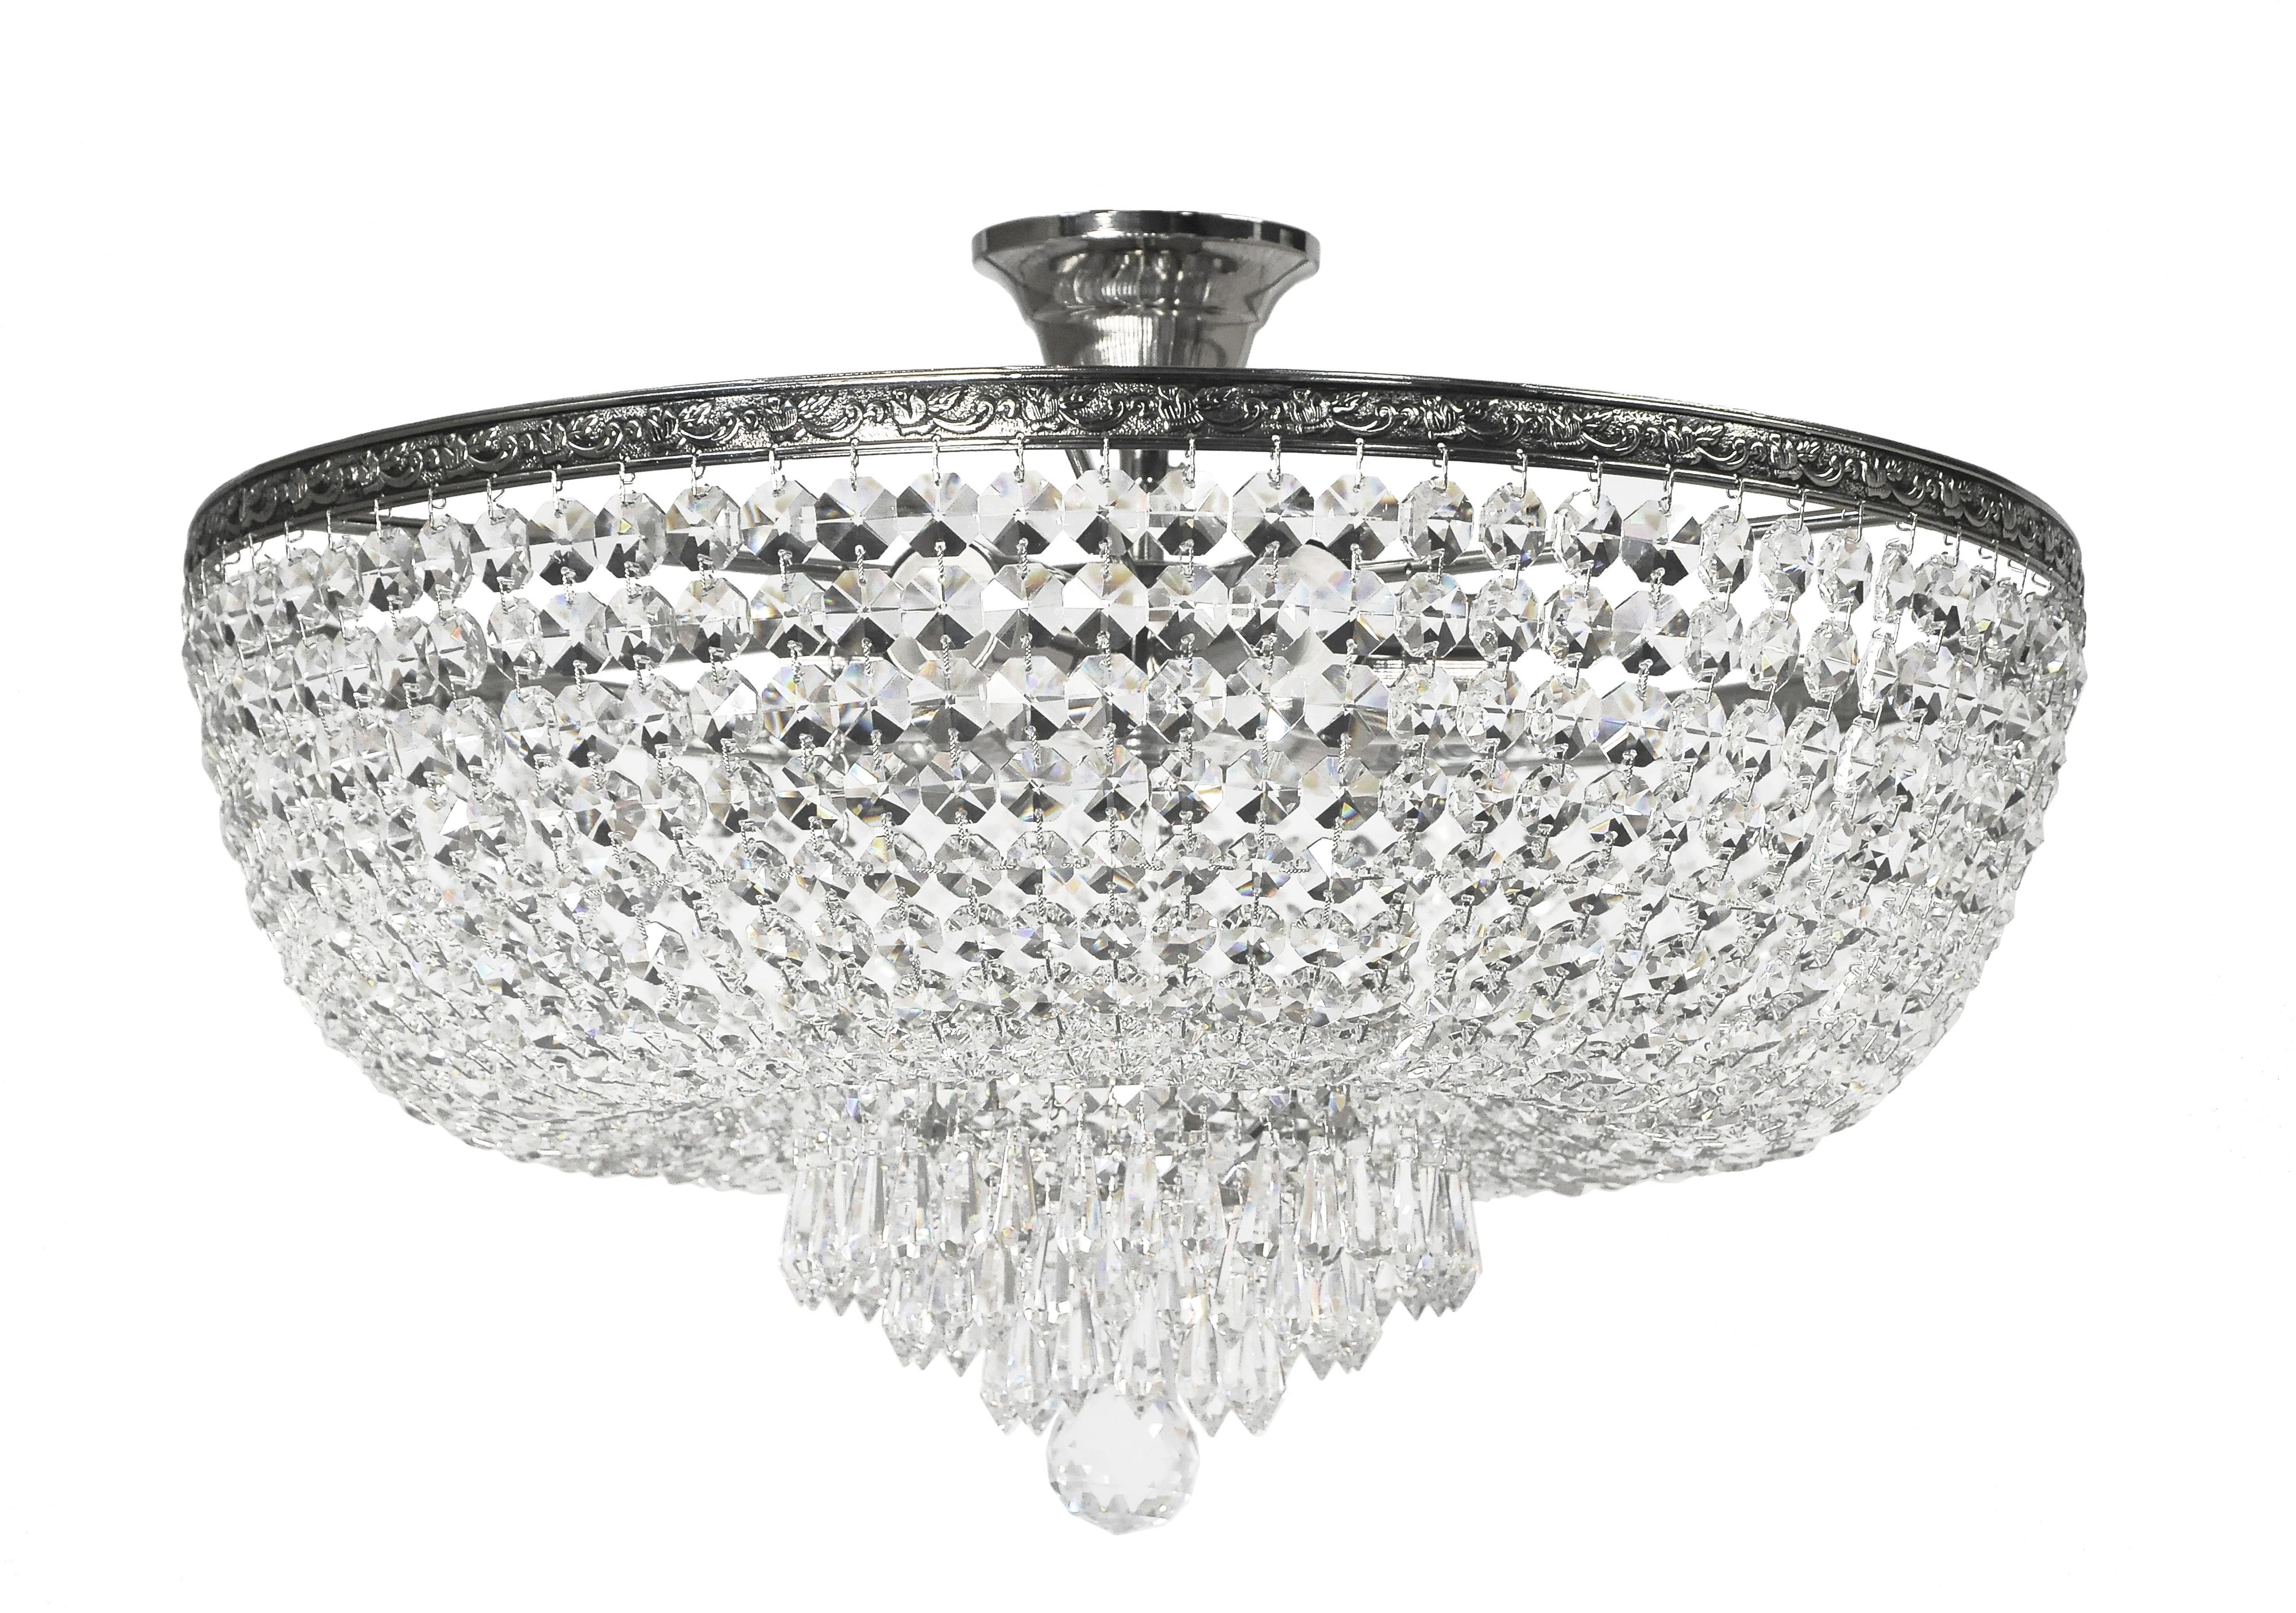 Люстра Arti lampadariЛюстры<br>Назначение светильника: для комнаты,<br>Стиль светильника: классика,<br>Материал плафона: стекло, хрусталь,<br>Материал арматуры: металл,<br>Диаметр: 290,<br>Высота: 500,<br>Количество ламп: 6,<br>Тип лампы: накаливания,<br>Мощность: 60,<br>Патрон: Е27,<br>Цвет арматуры: никель<br>